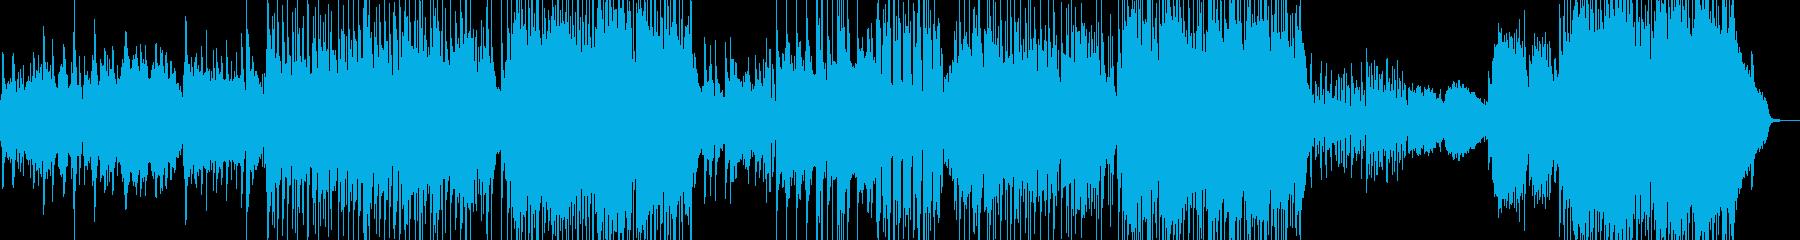 メインが劇的・90年代風バラード 長尺+の再生済みの波形